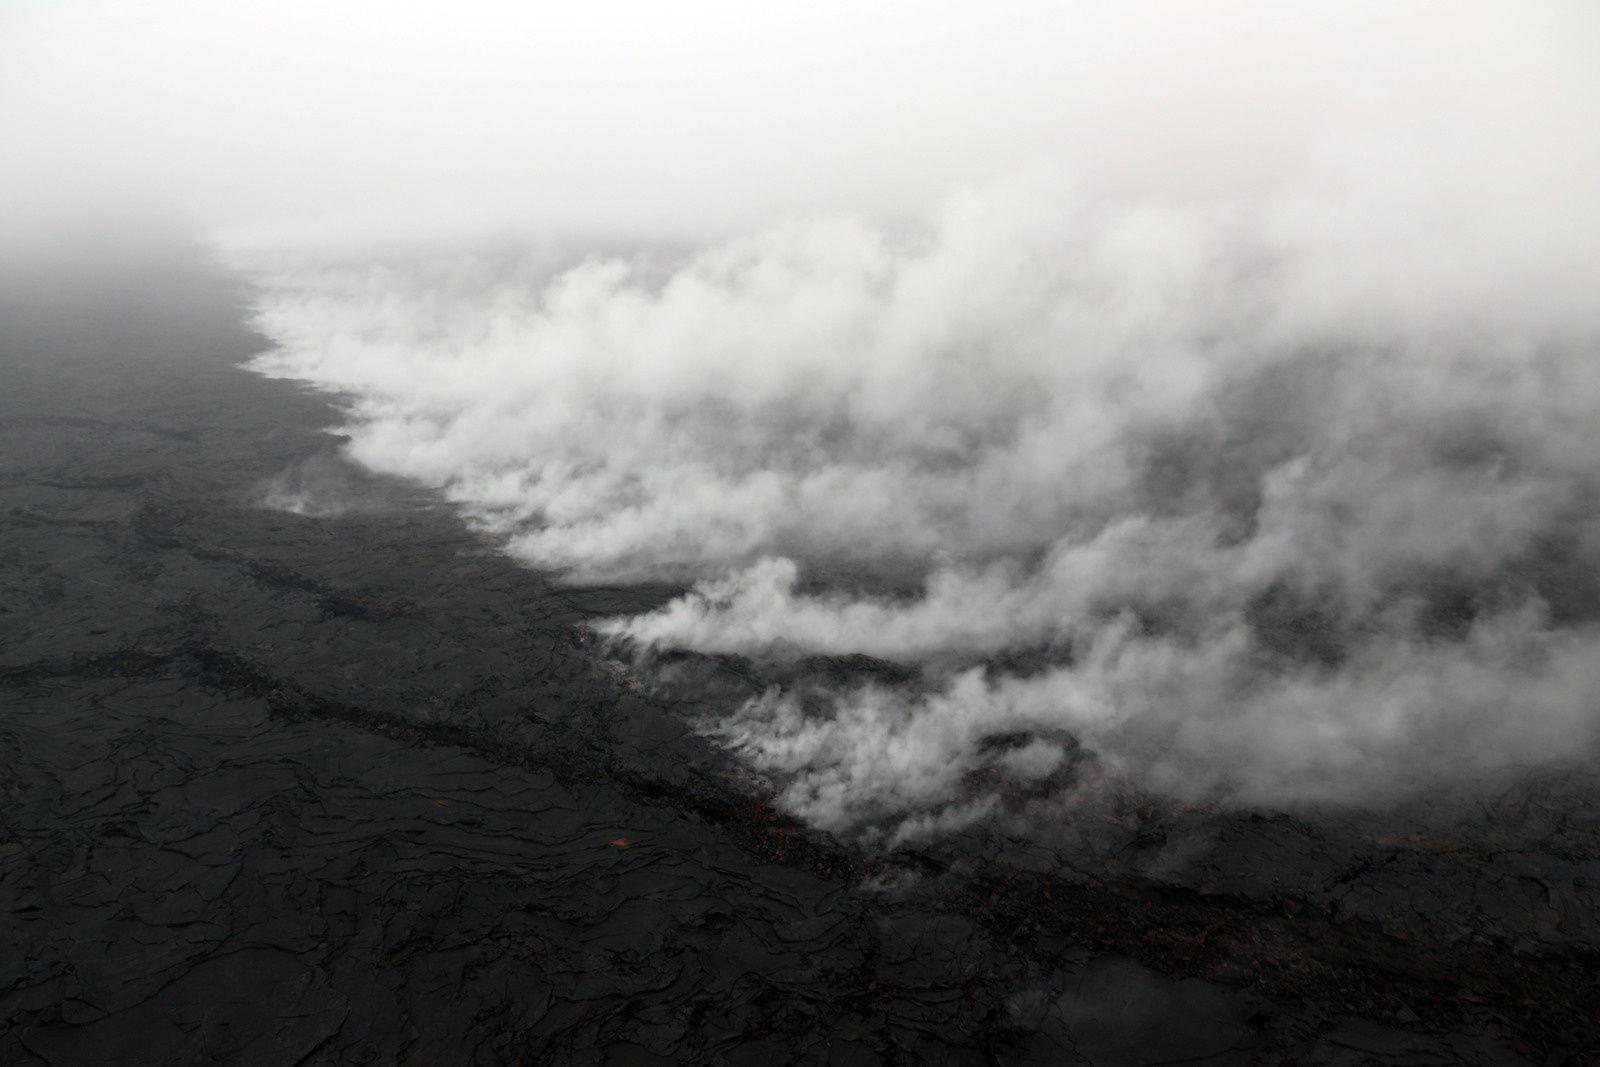 Kilauea - Pu'u O'o - Une nouvelle fissure en échelons, longue de 1 km., s'est ouverte à l'ouest du Pu'u O'o, caractérisée par un dégazage abondant. - photos HVO - USGS / survol du 01.05.2018